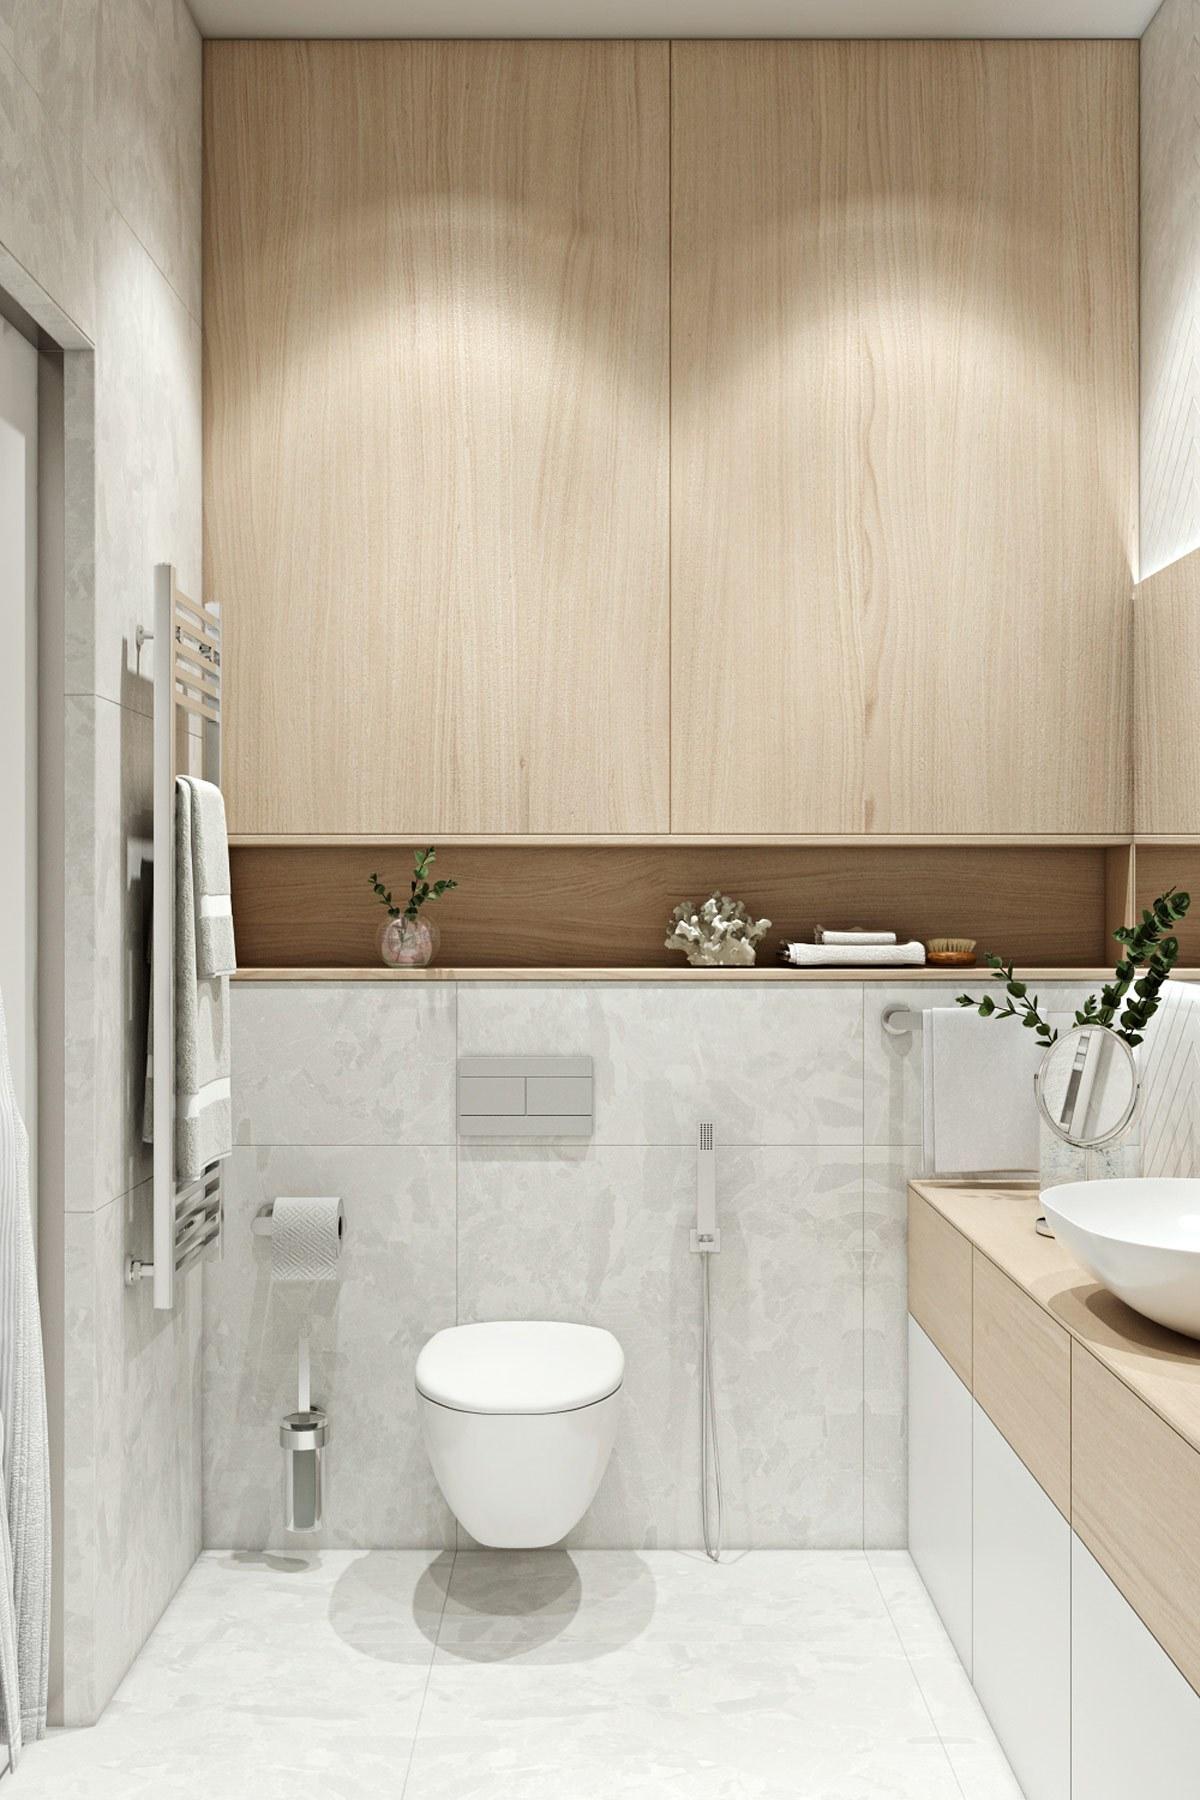 thiết kế nội thất phòng vệ sinh chung cư hiện đại